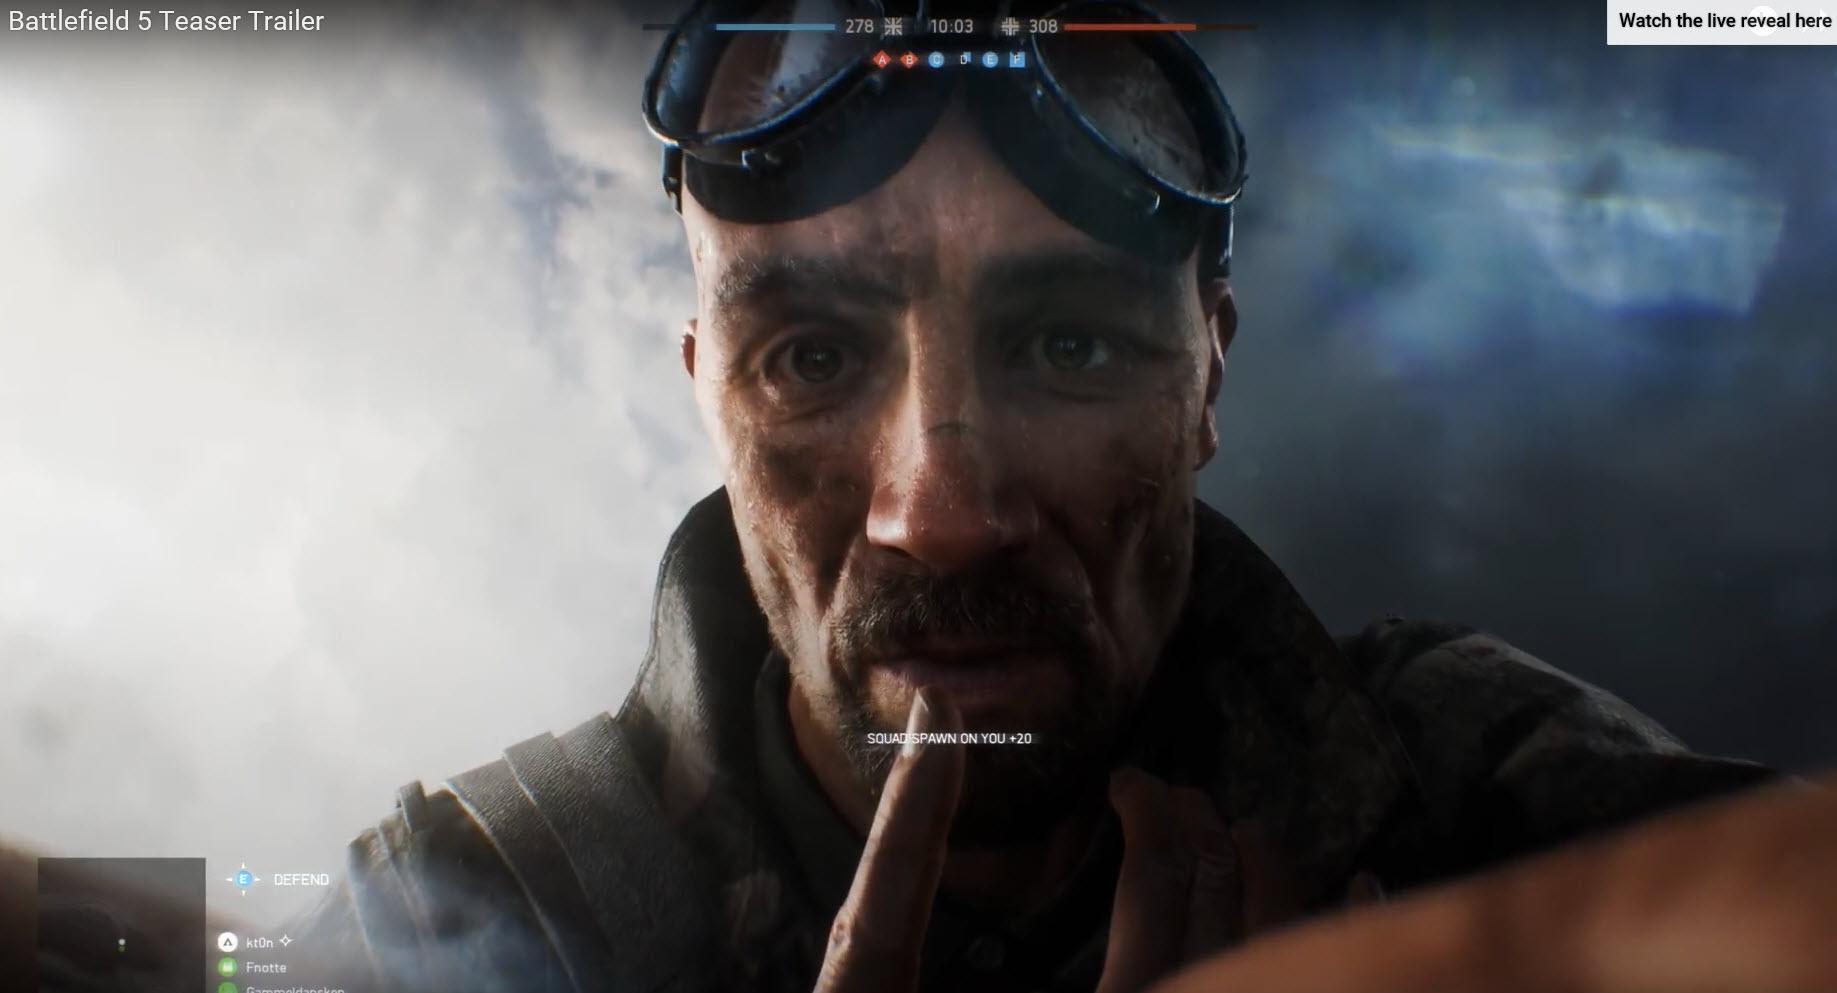 2018 05 22 14 00 45 สาวก Battlefield V อาจมีเงิบ!! เนื้อเรื่องอาจจะเป็นสงครามโลกครั้งที่ 2 Worldwar2